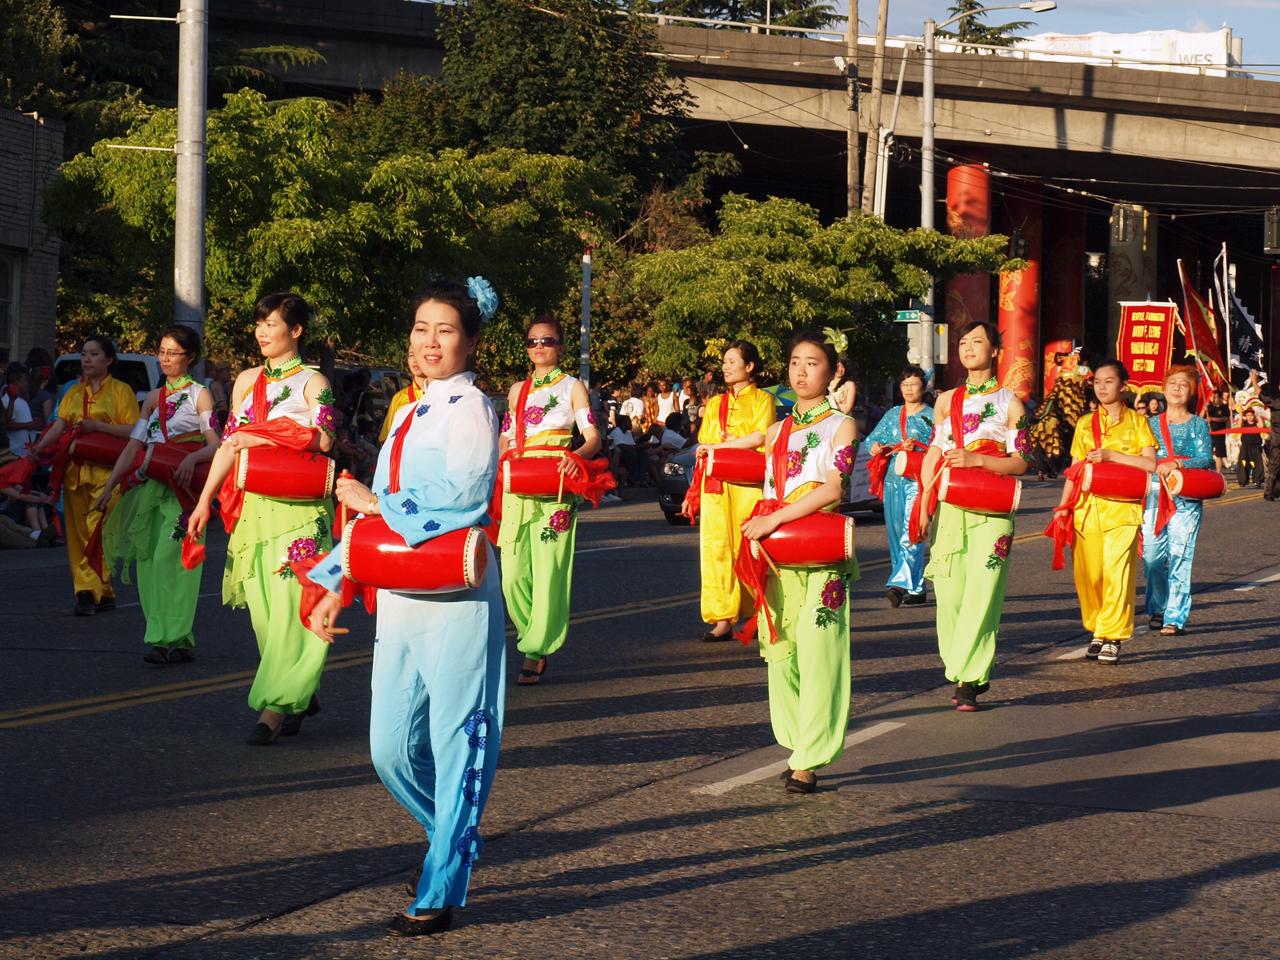 2011 Sea Fair China Town Parade Image 188